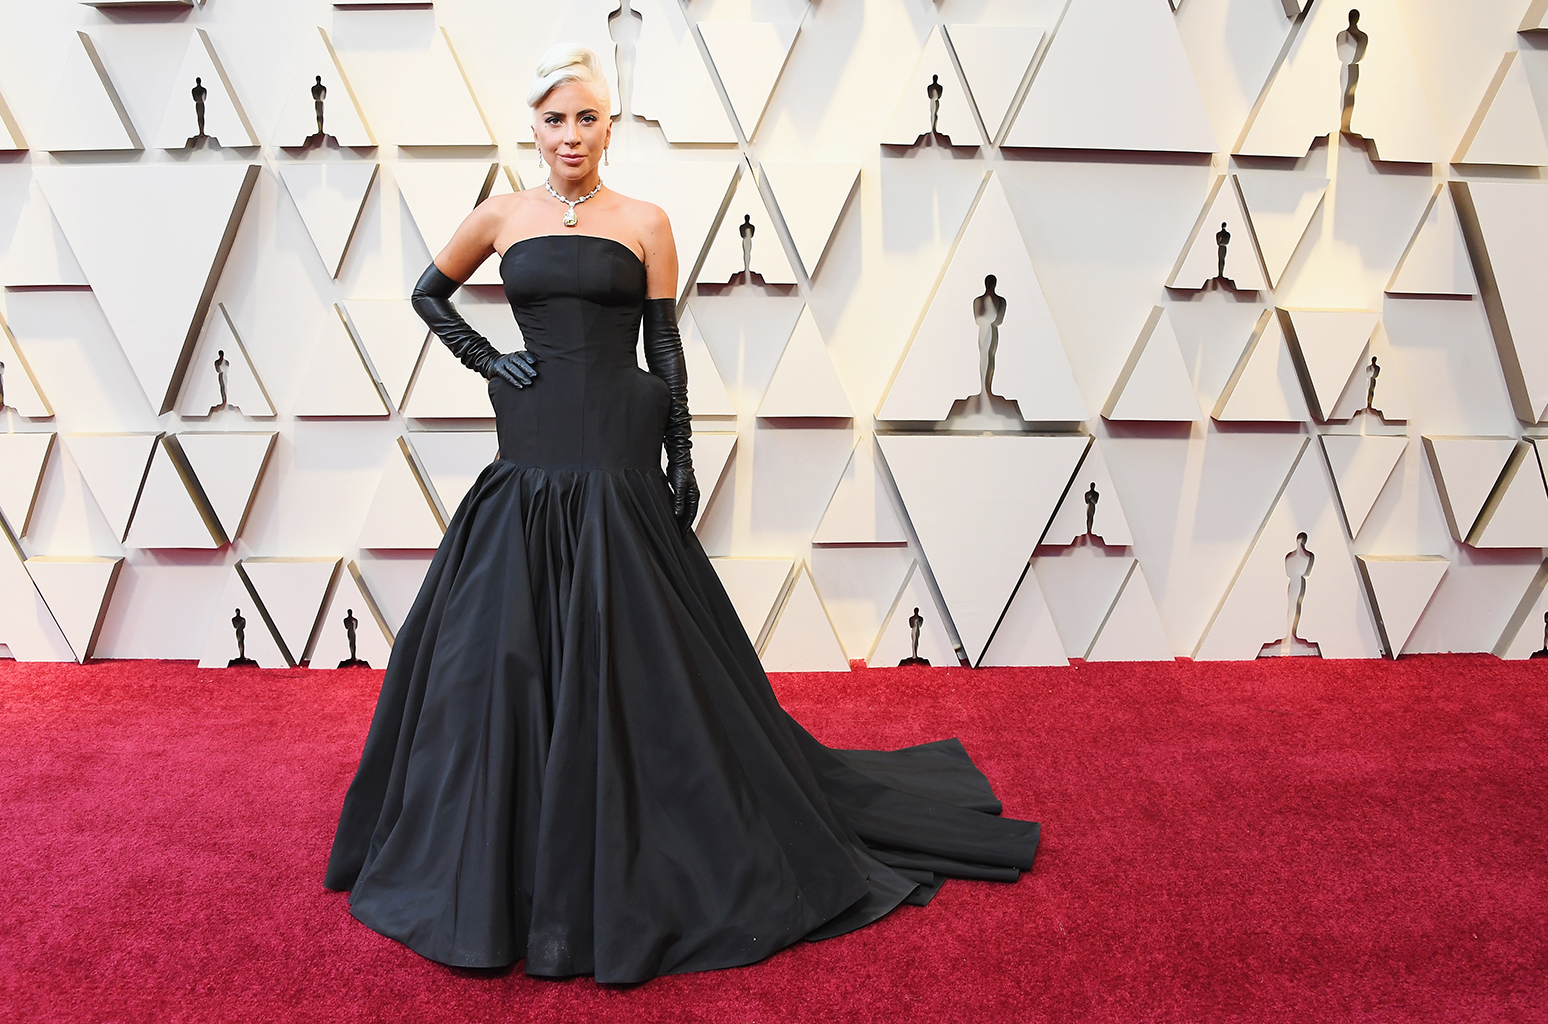 dàn minh tinh Hollywood khoe sắc trên thảm đỏ Oscar 2019 2